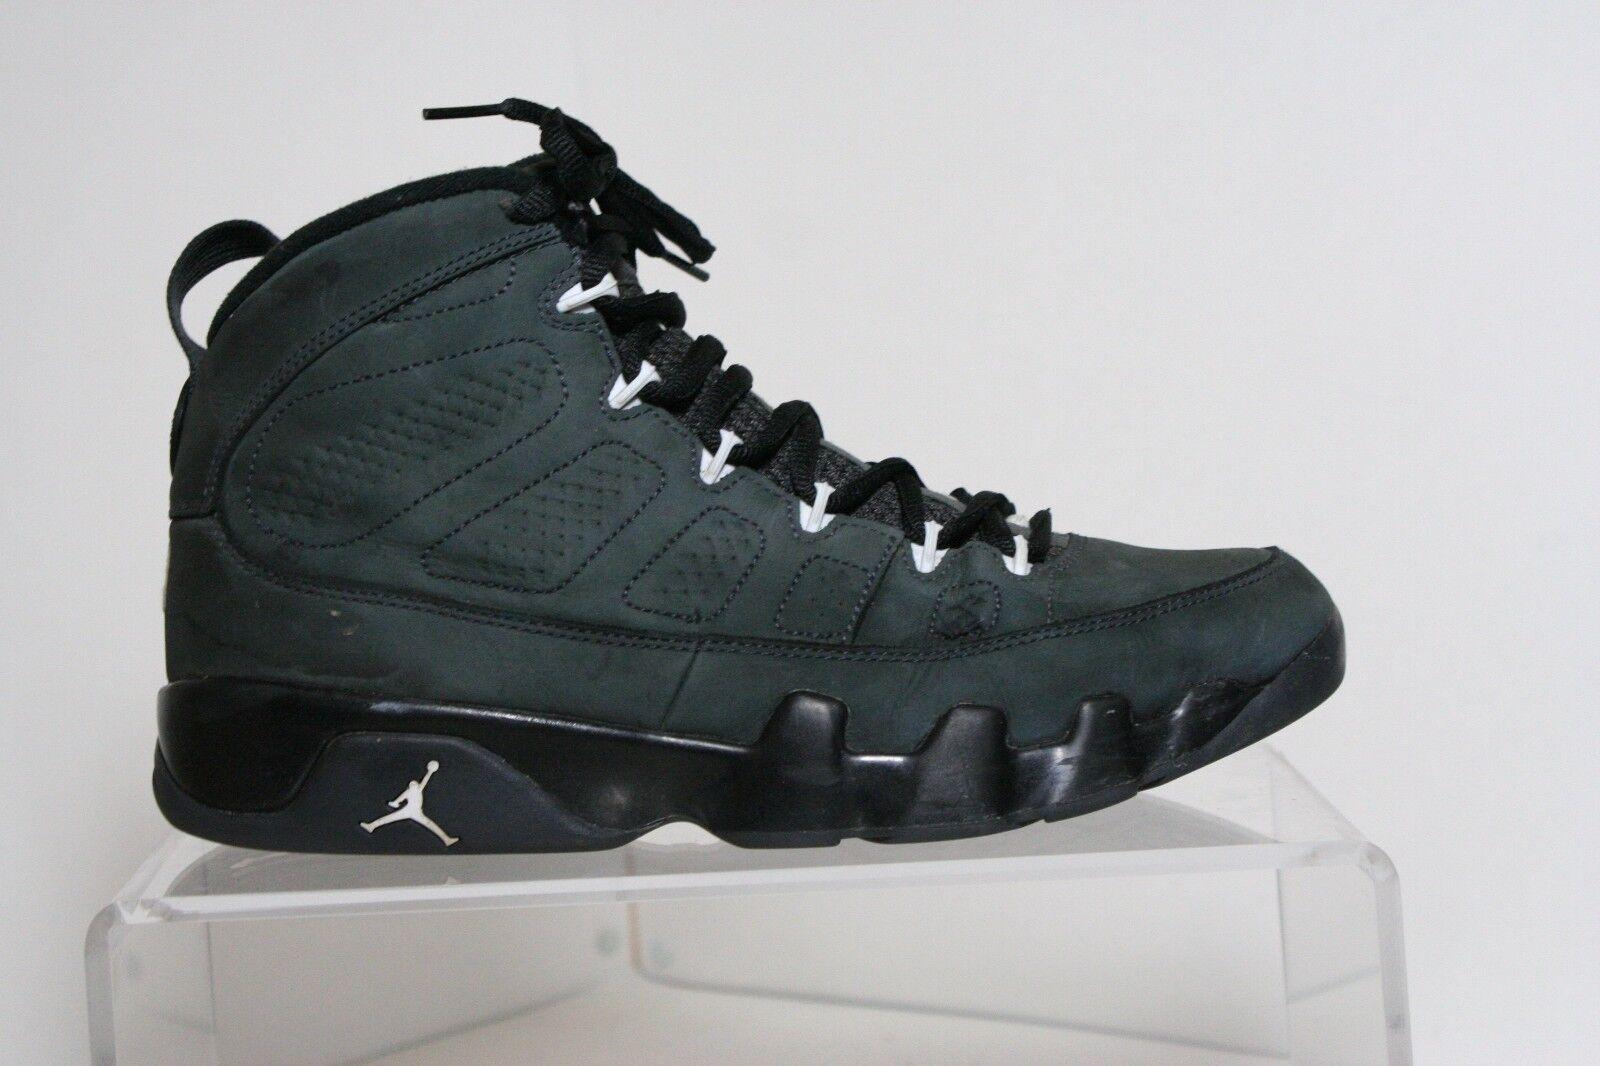 Nike air jordan ix 9 retro - 15